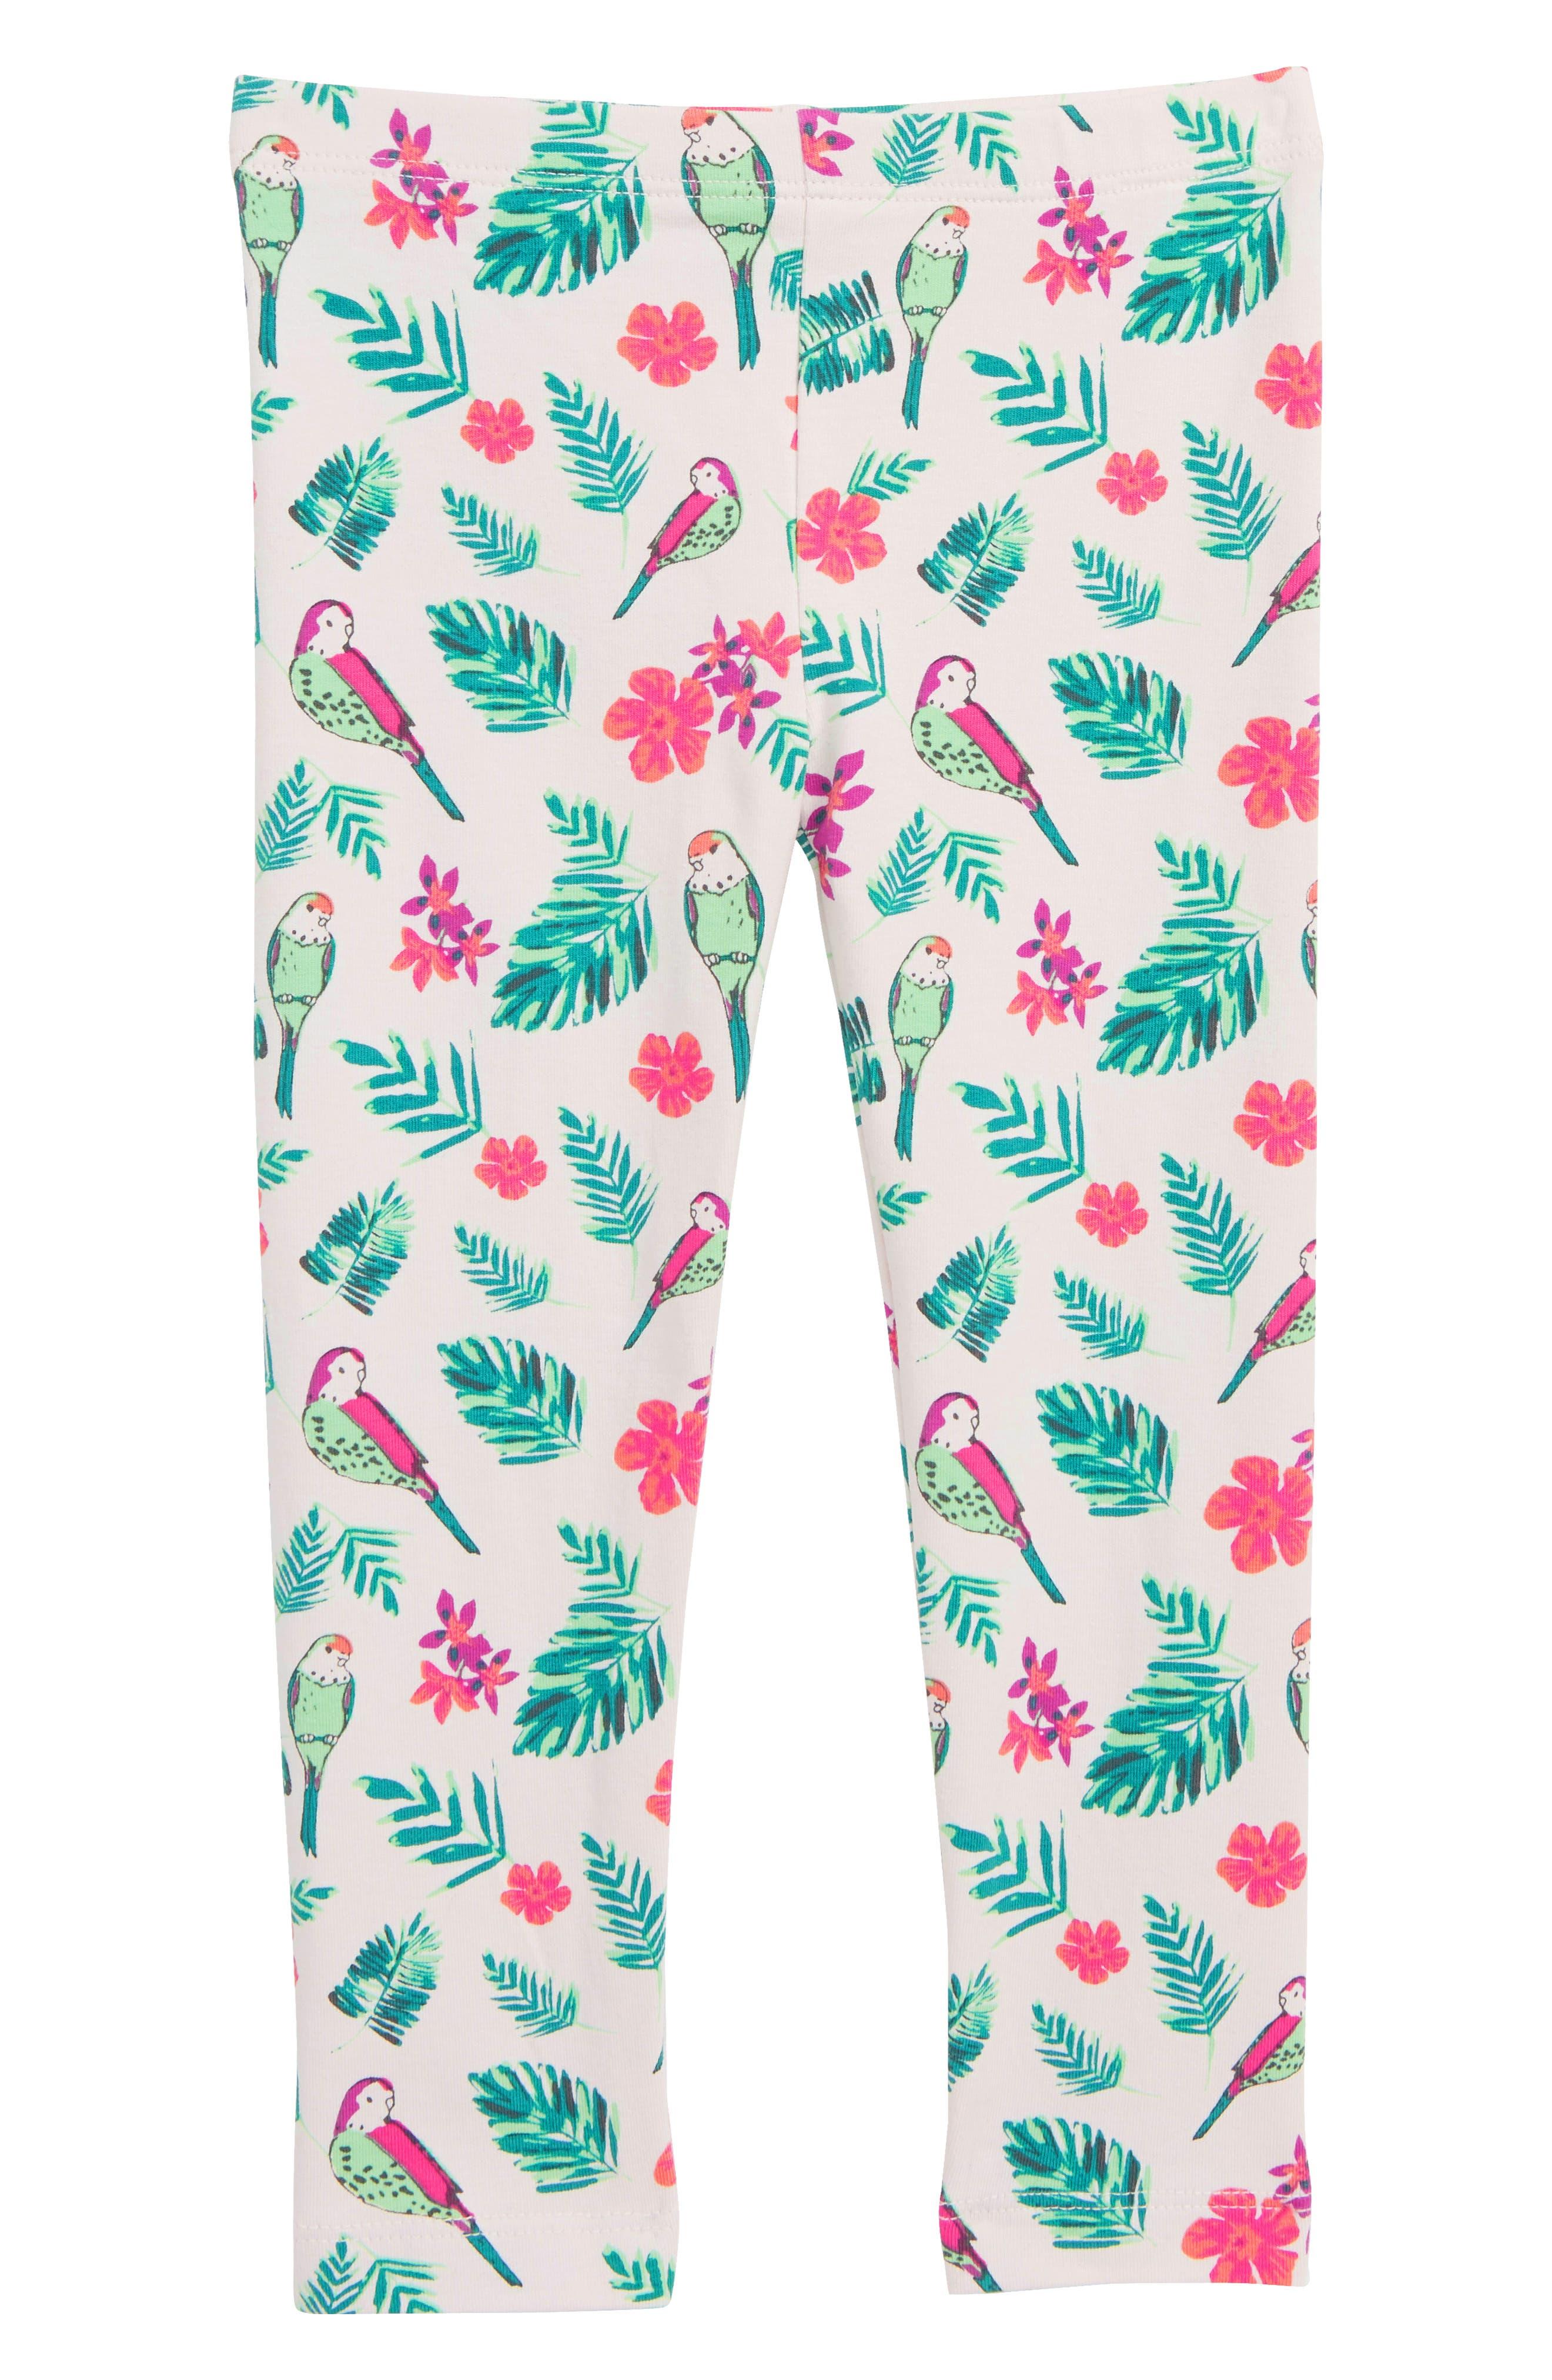 Toddler Girls Peek ArenT You Curious Lara Tropical Bird Leggings Size 3T  Pink